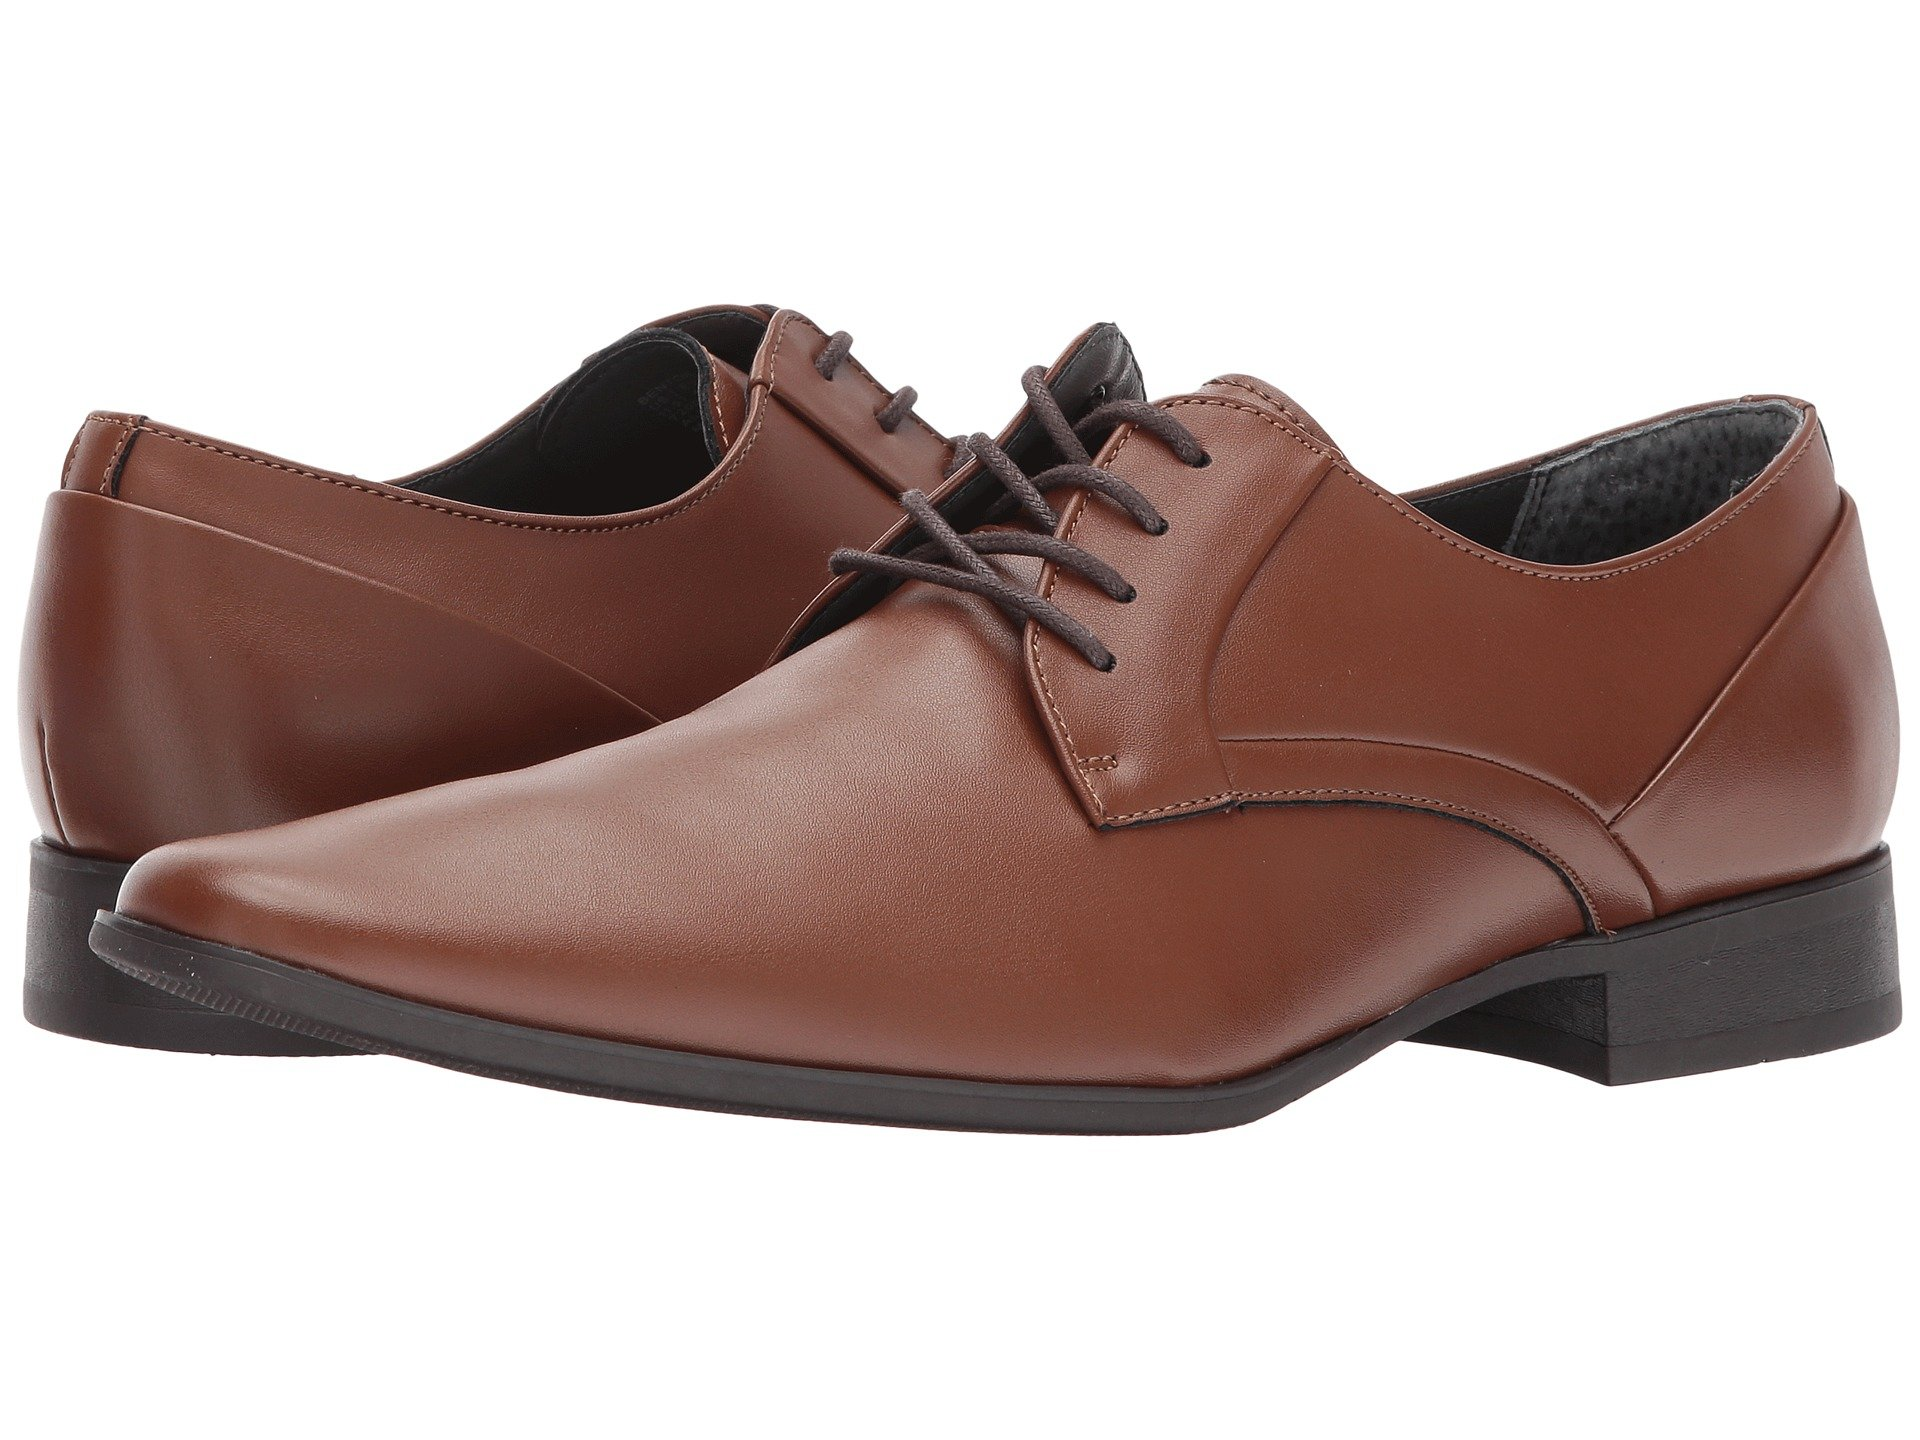 Calzado tipo Oxford para Hombre Calvin Klein Benton  + Calvin Klein en VeoyCompro.net